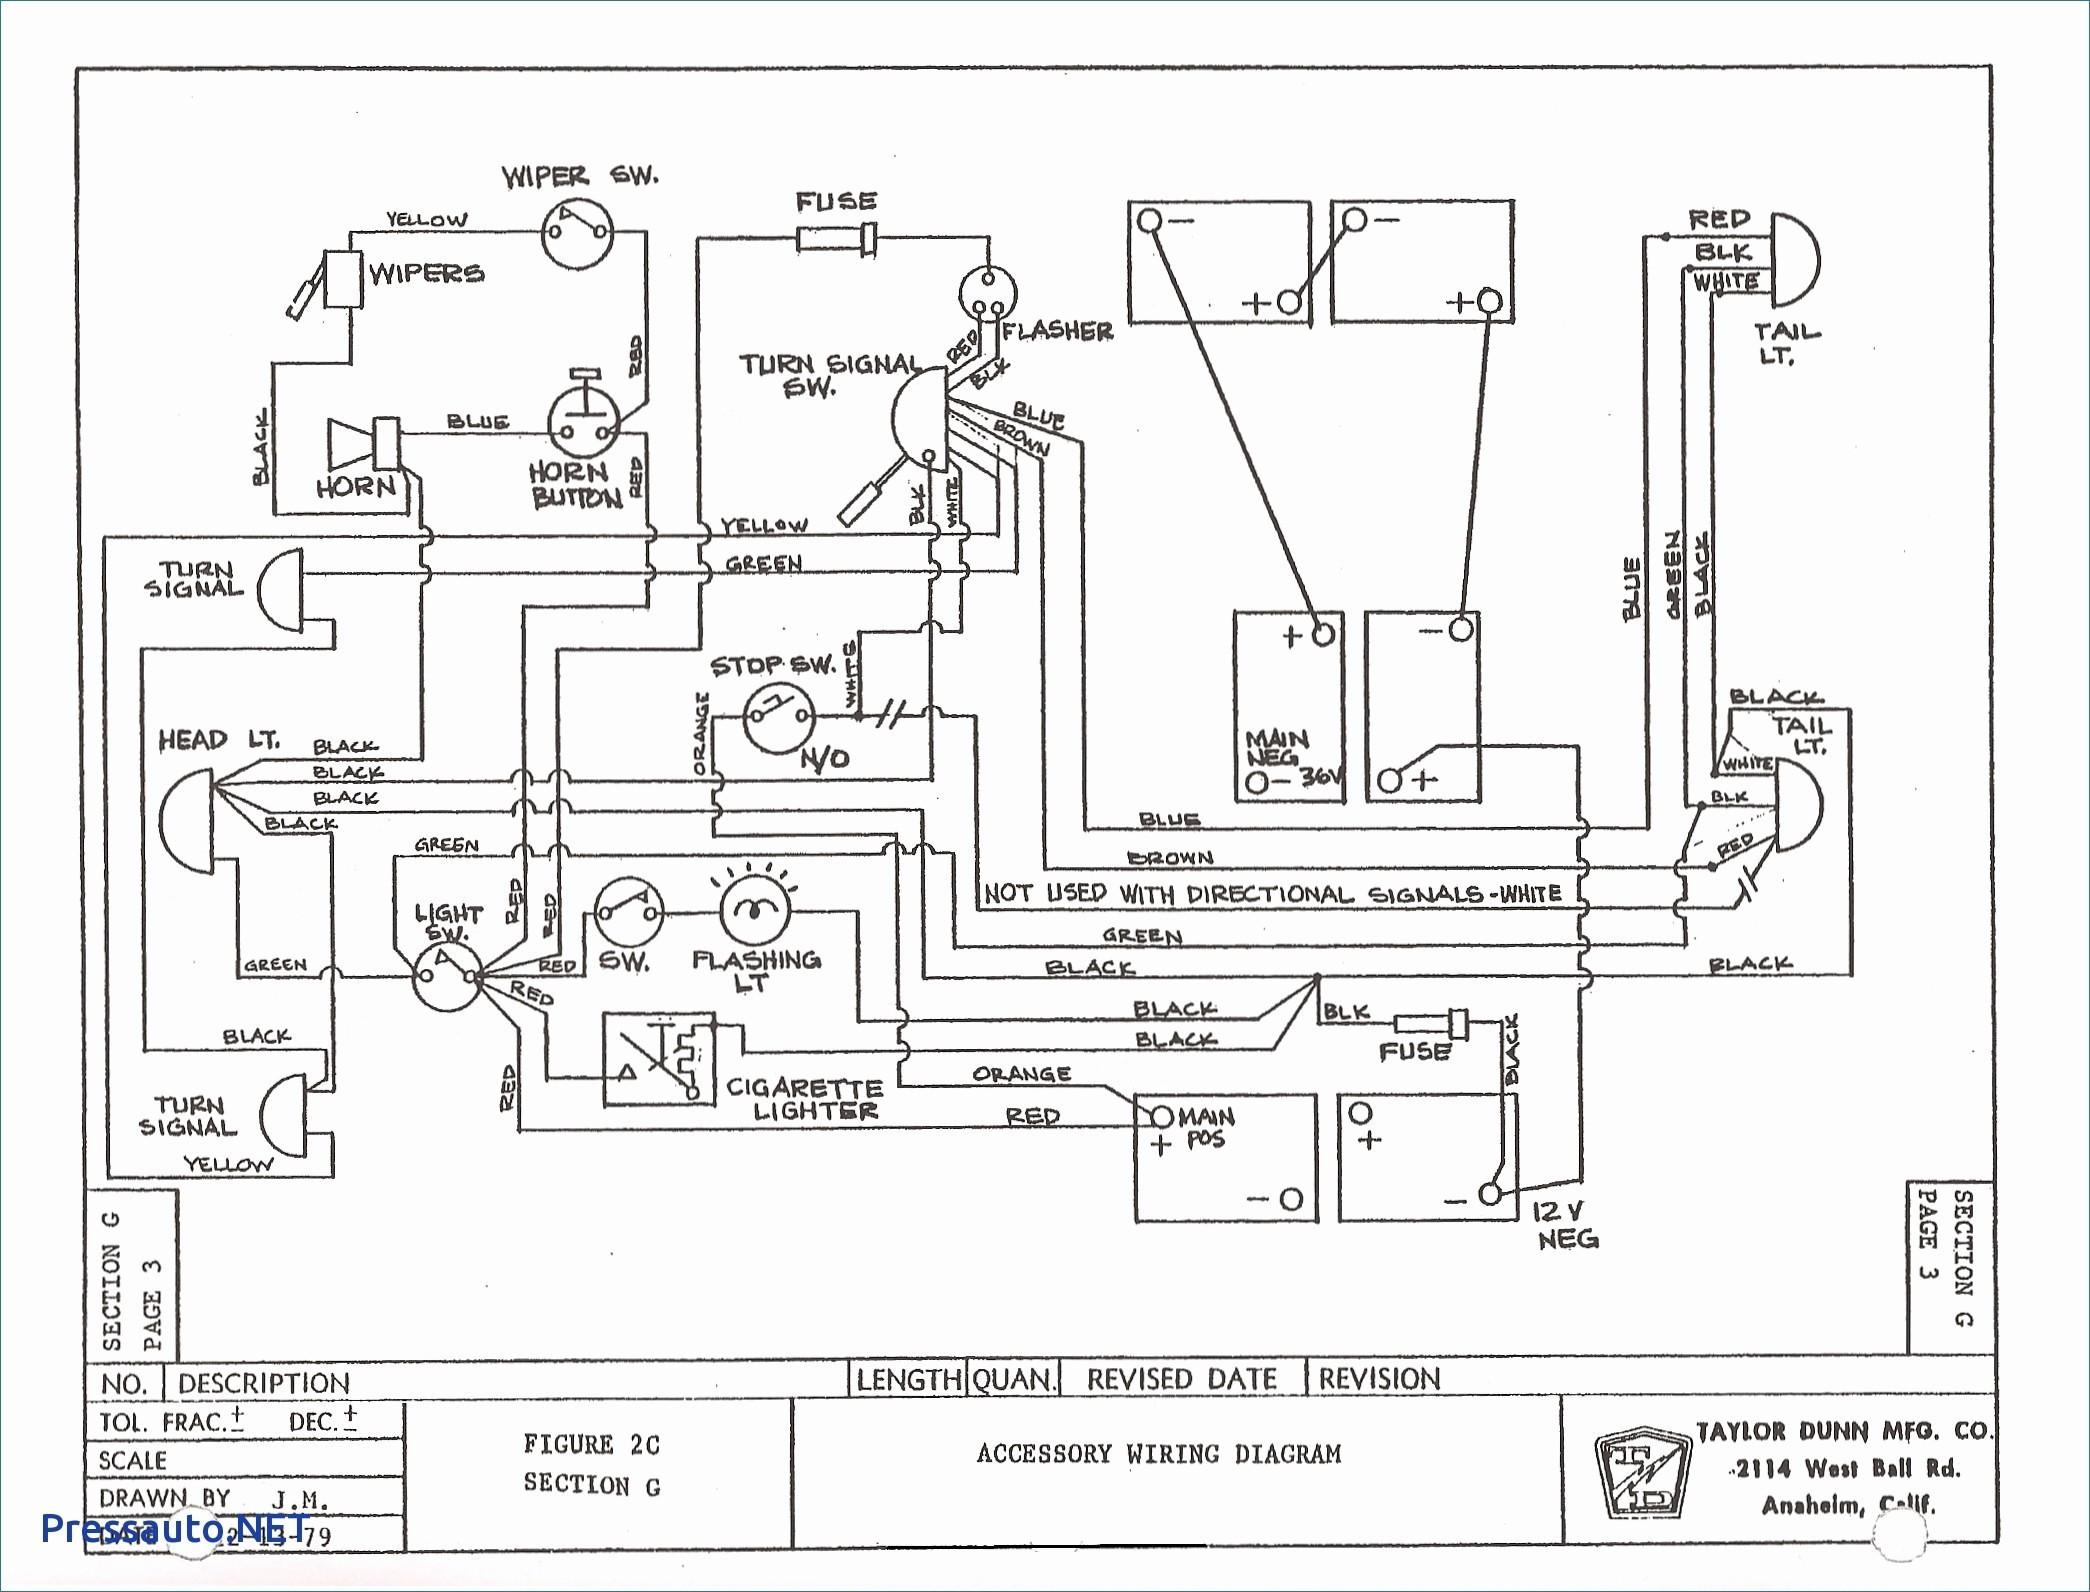 Wiring Diagram for Club Car Electric Golf Cart New Vintage Ezgo Wiring Diagrams Wiring Diagrams